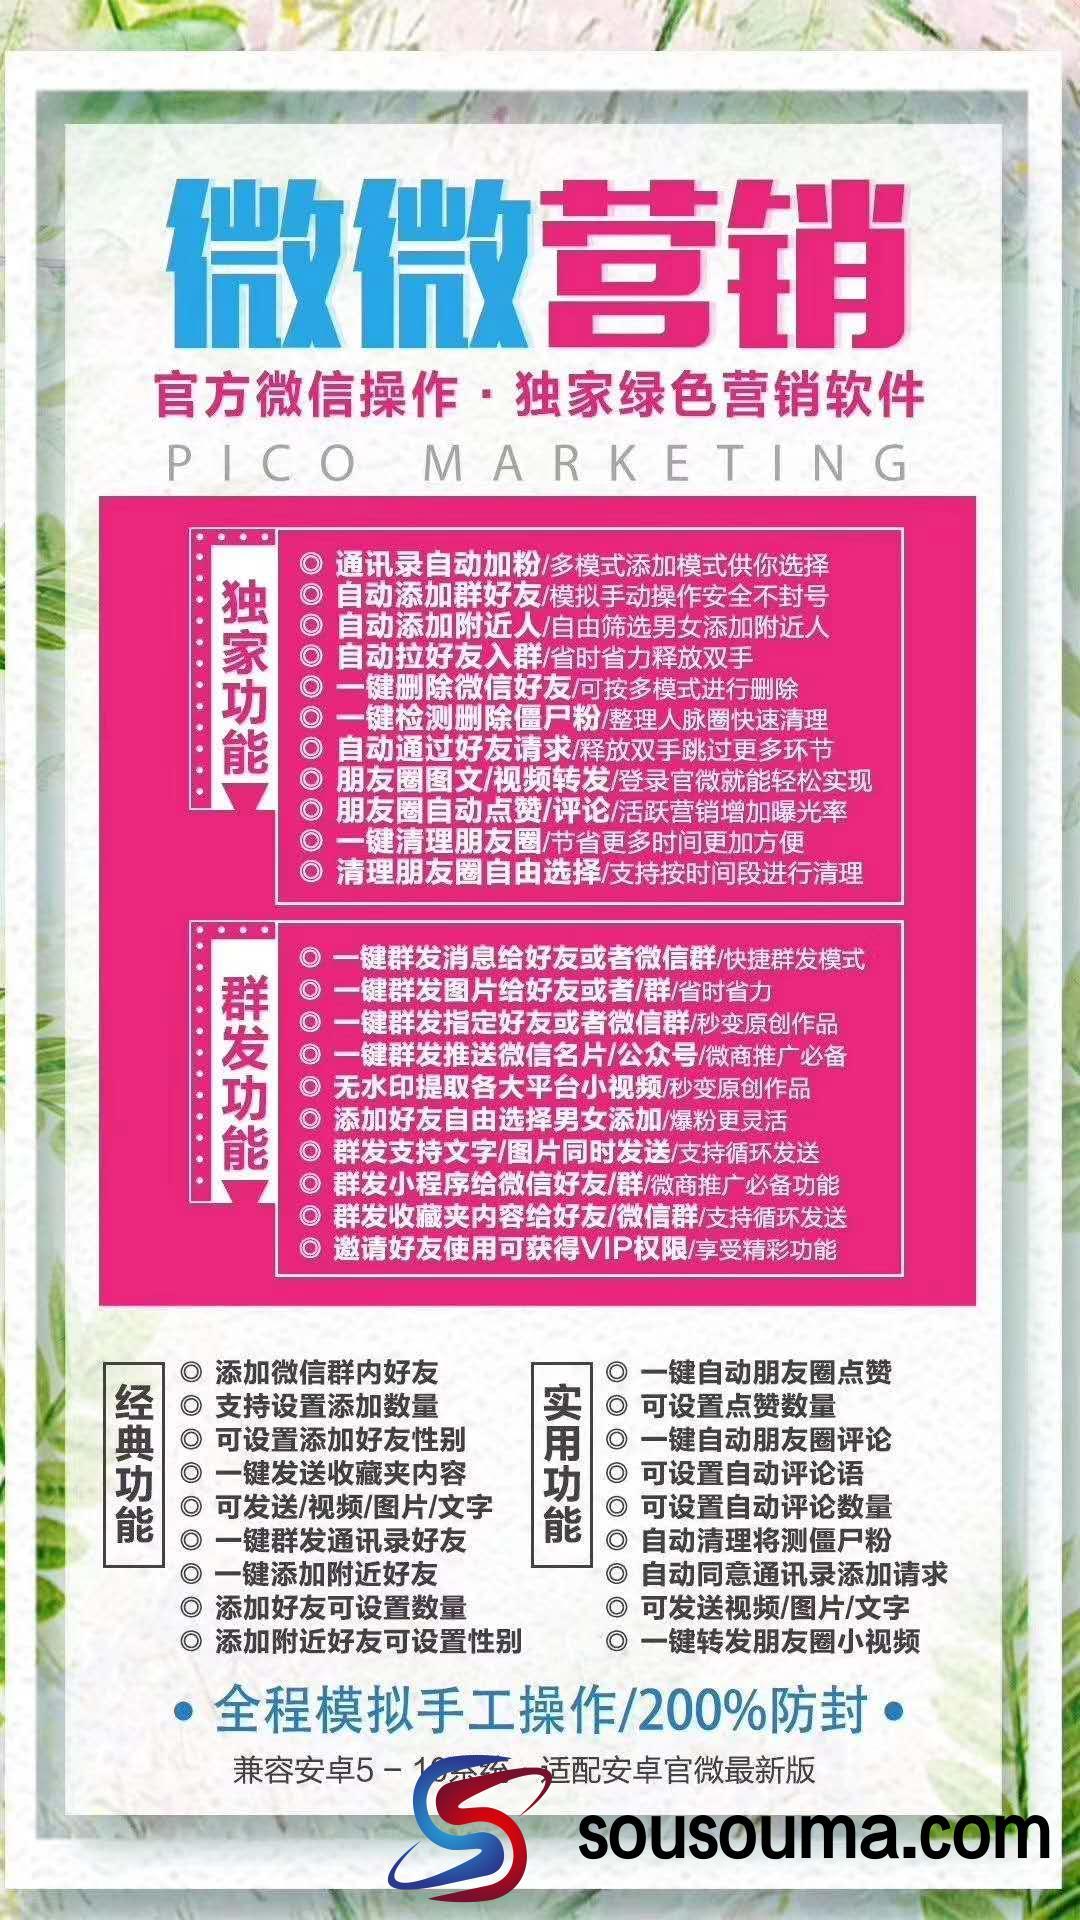 【微微营销官网】安卓辅助类多功能营销软件